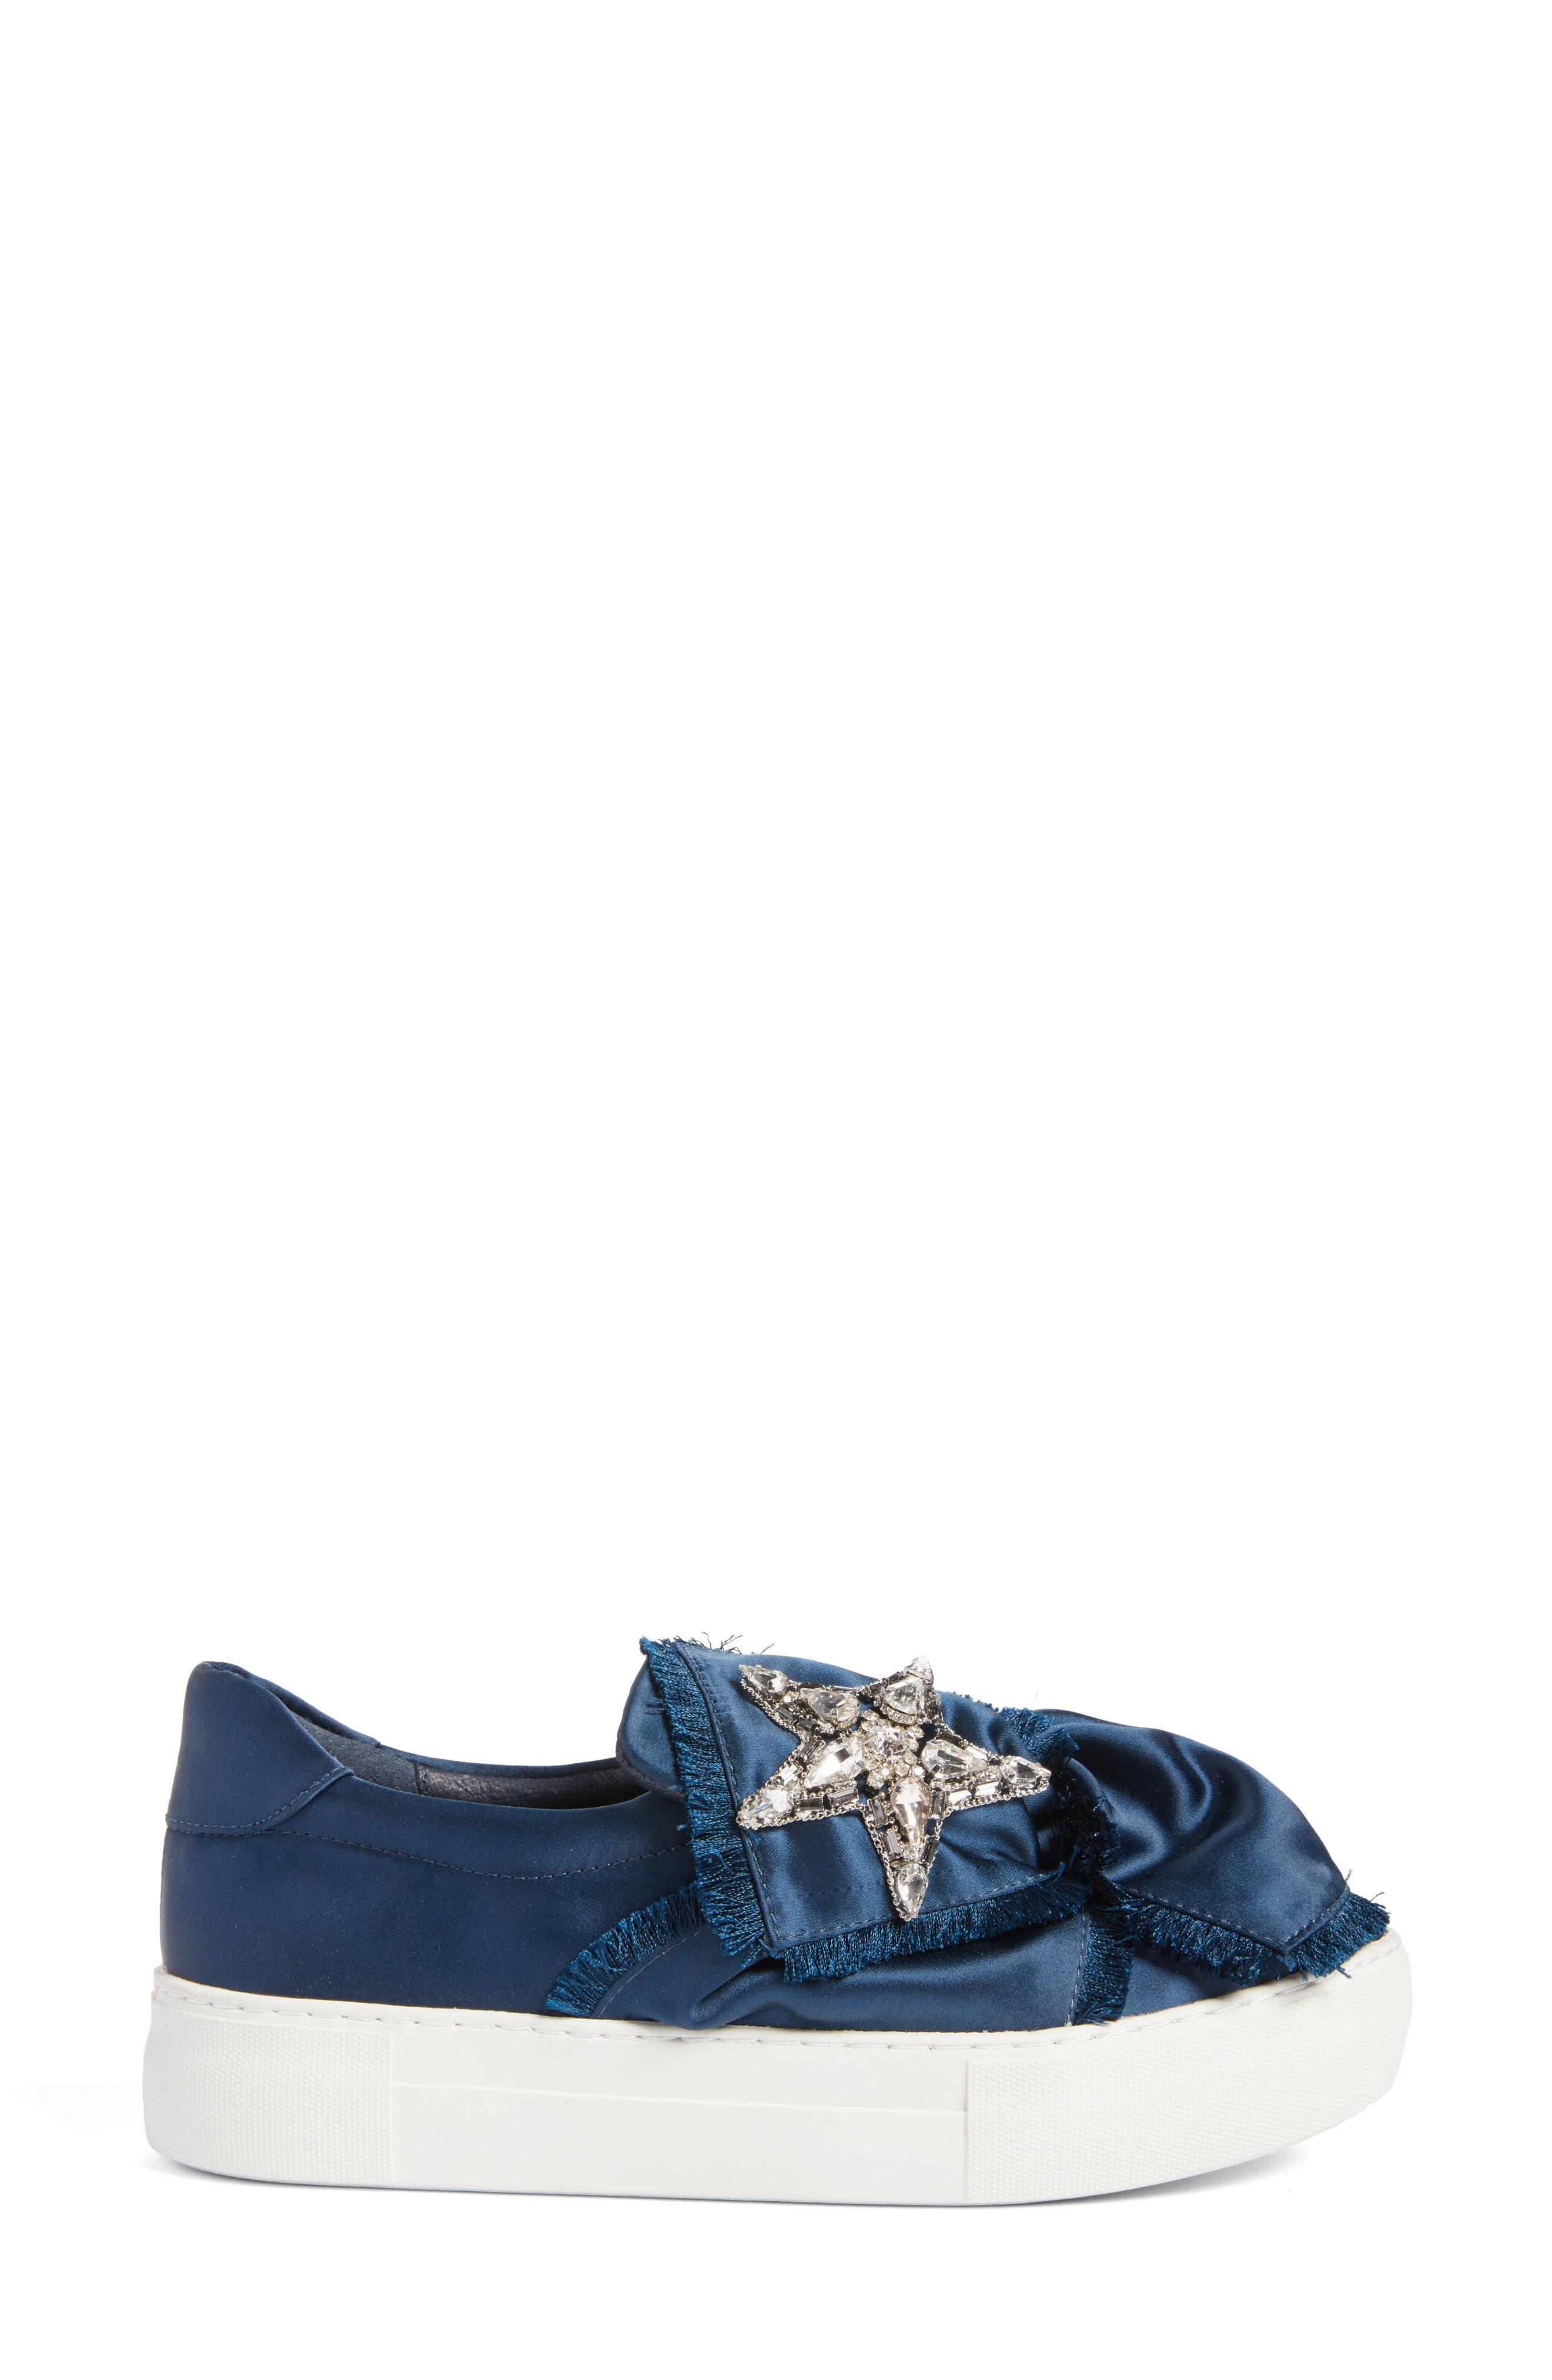 Astor Slip-On Sneaker,                             Alternate thumbnail 3, color,                             Navy Satin